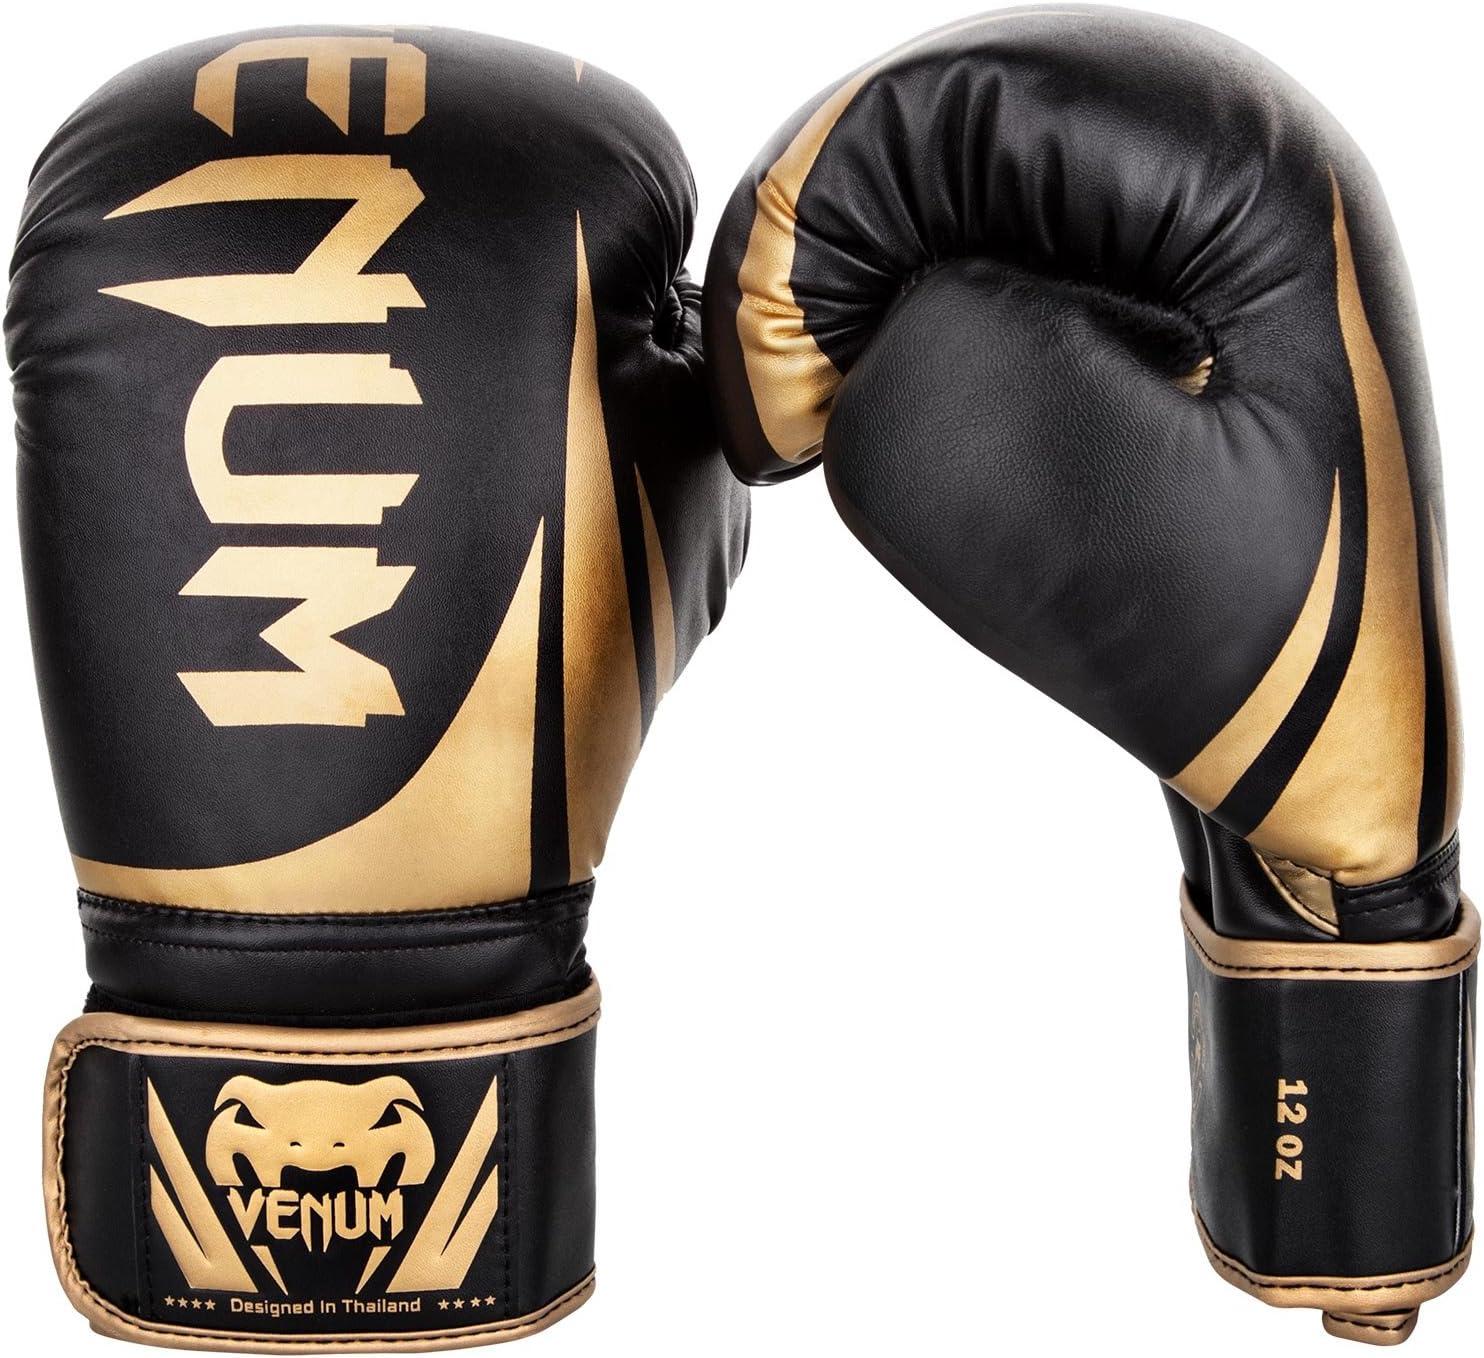 VENUM Challenger 2.0 Guantes de Boxeo, Unisex Adulto, Negro/Dorado, 14 oz: Amazon.es: Deportes y aire libre